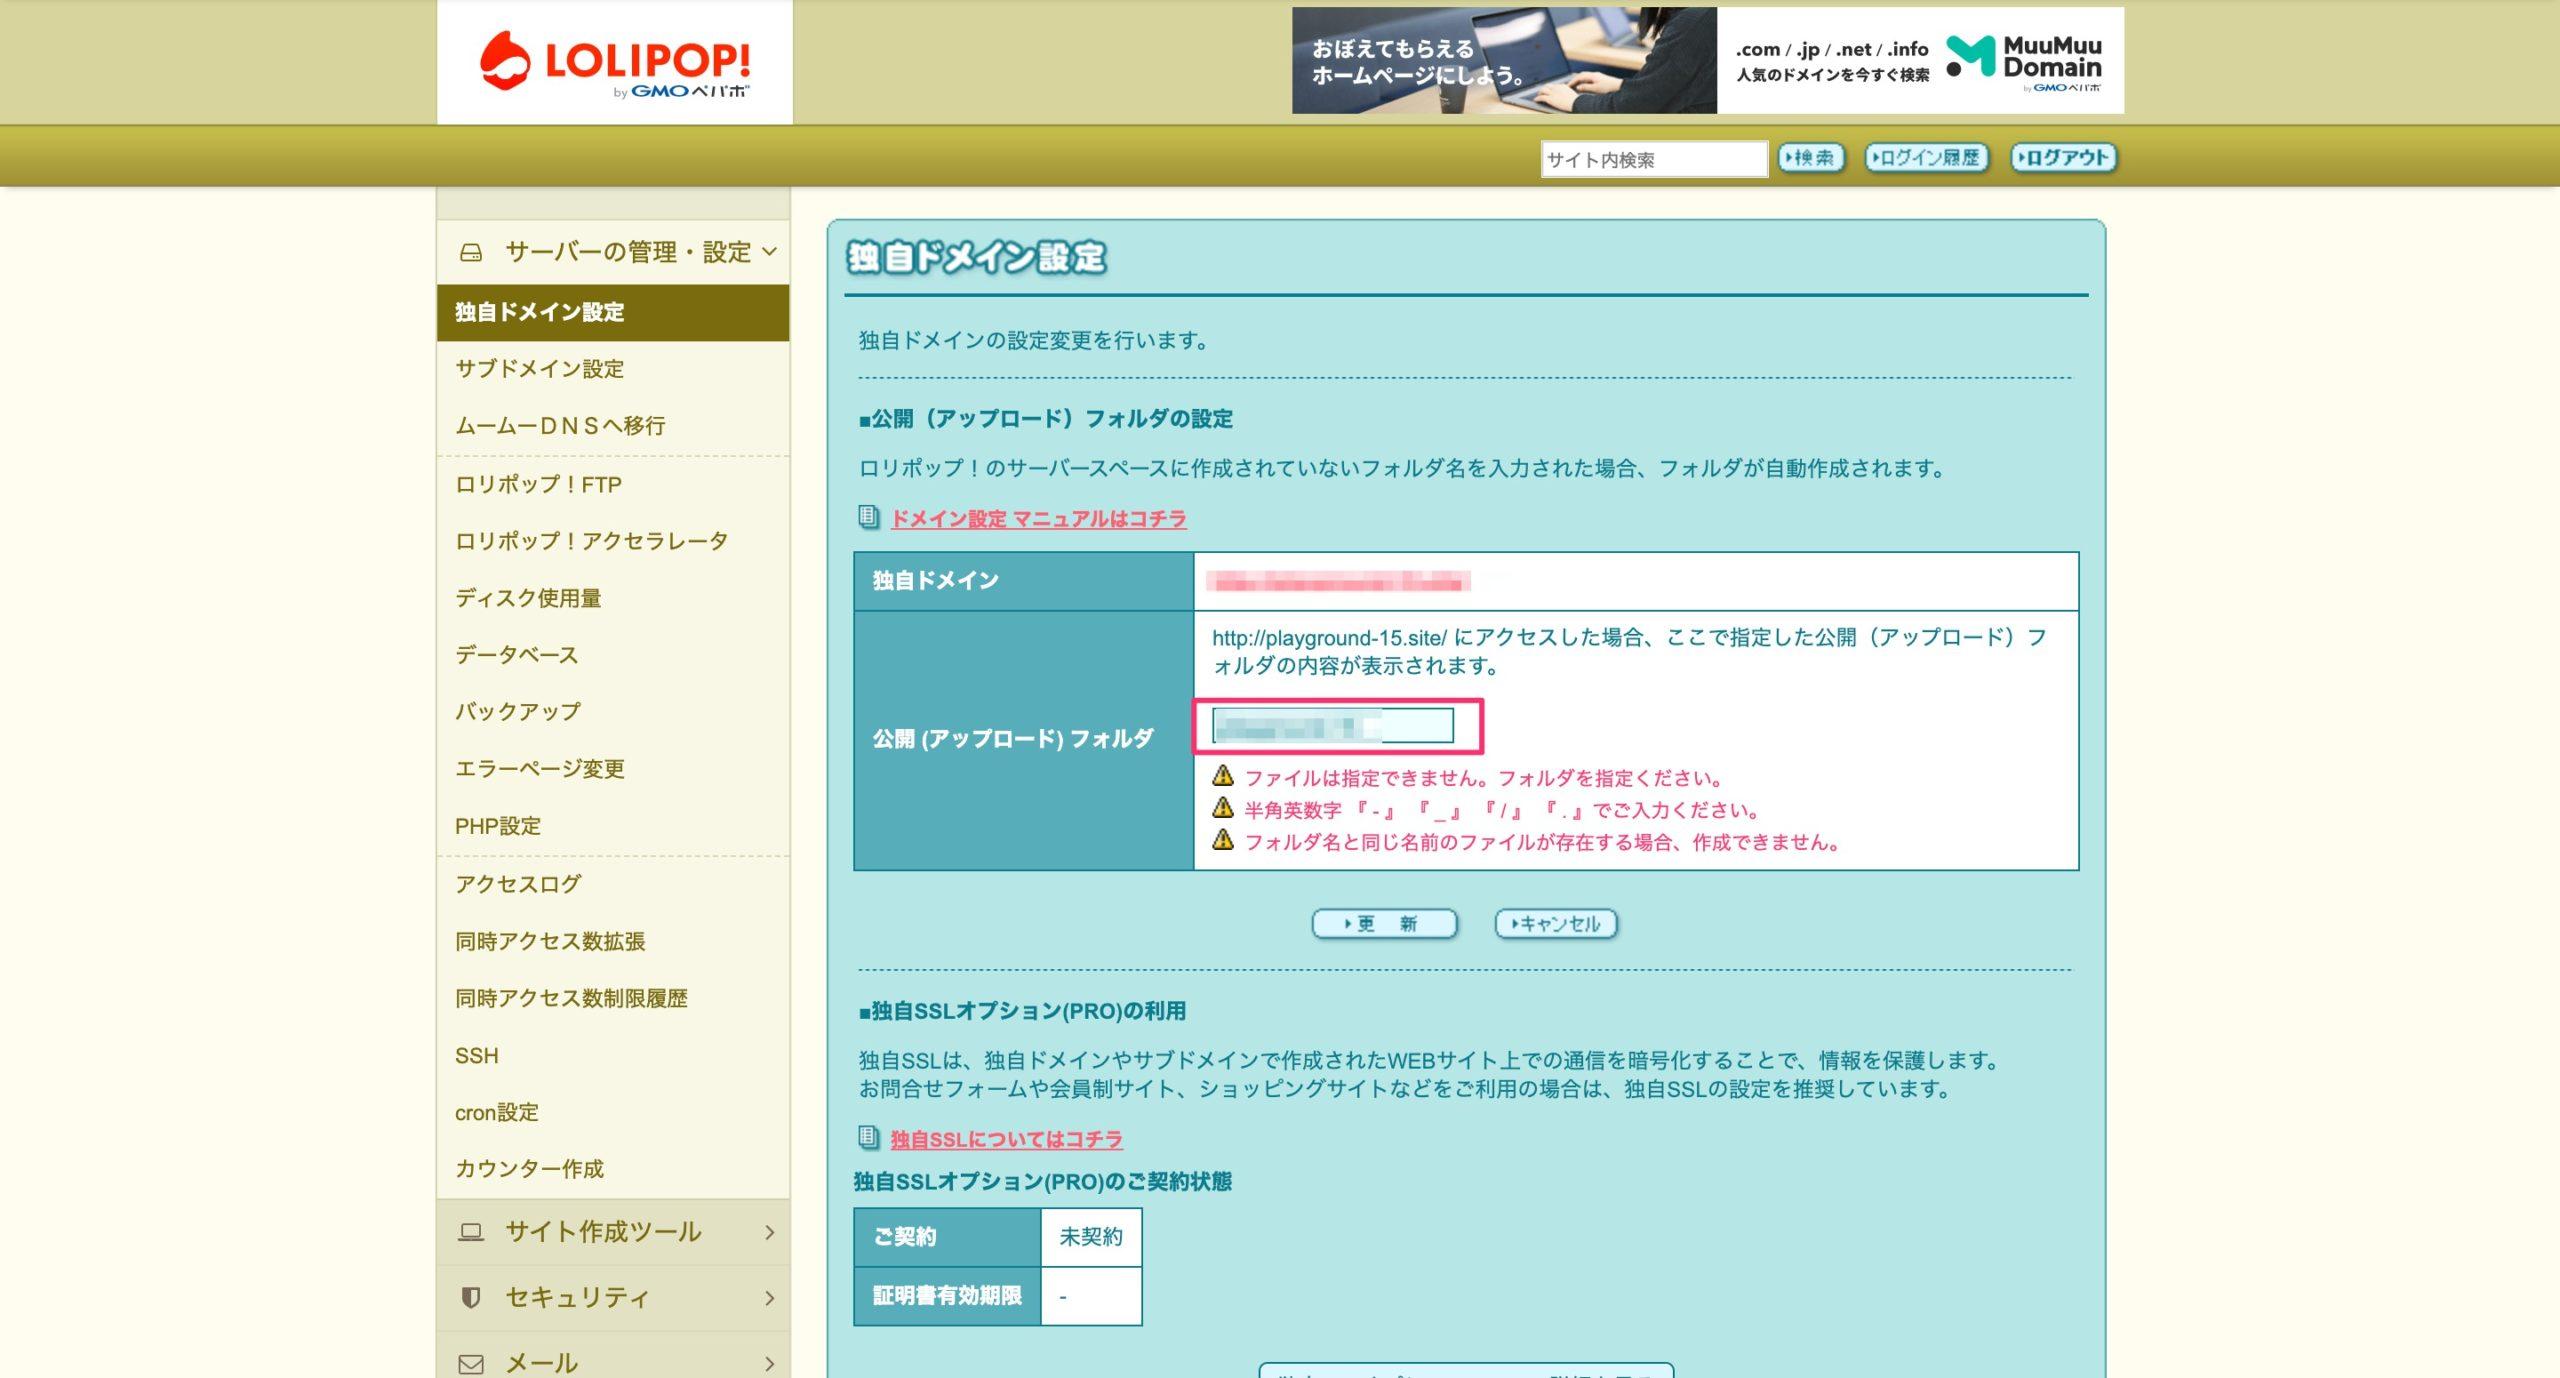 公開フォルダの変更画面